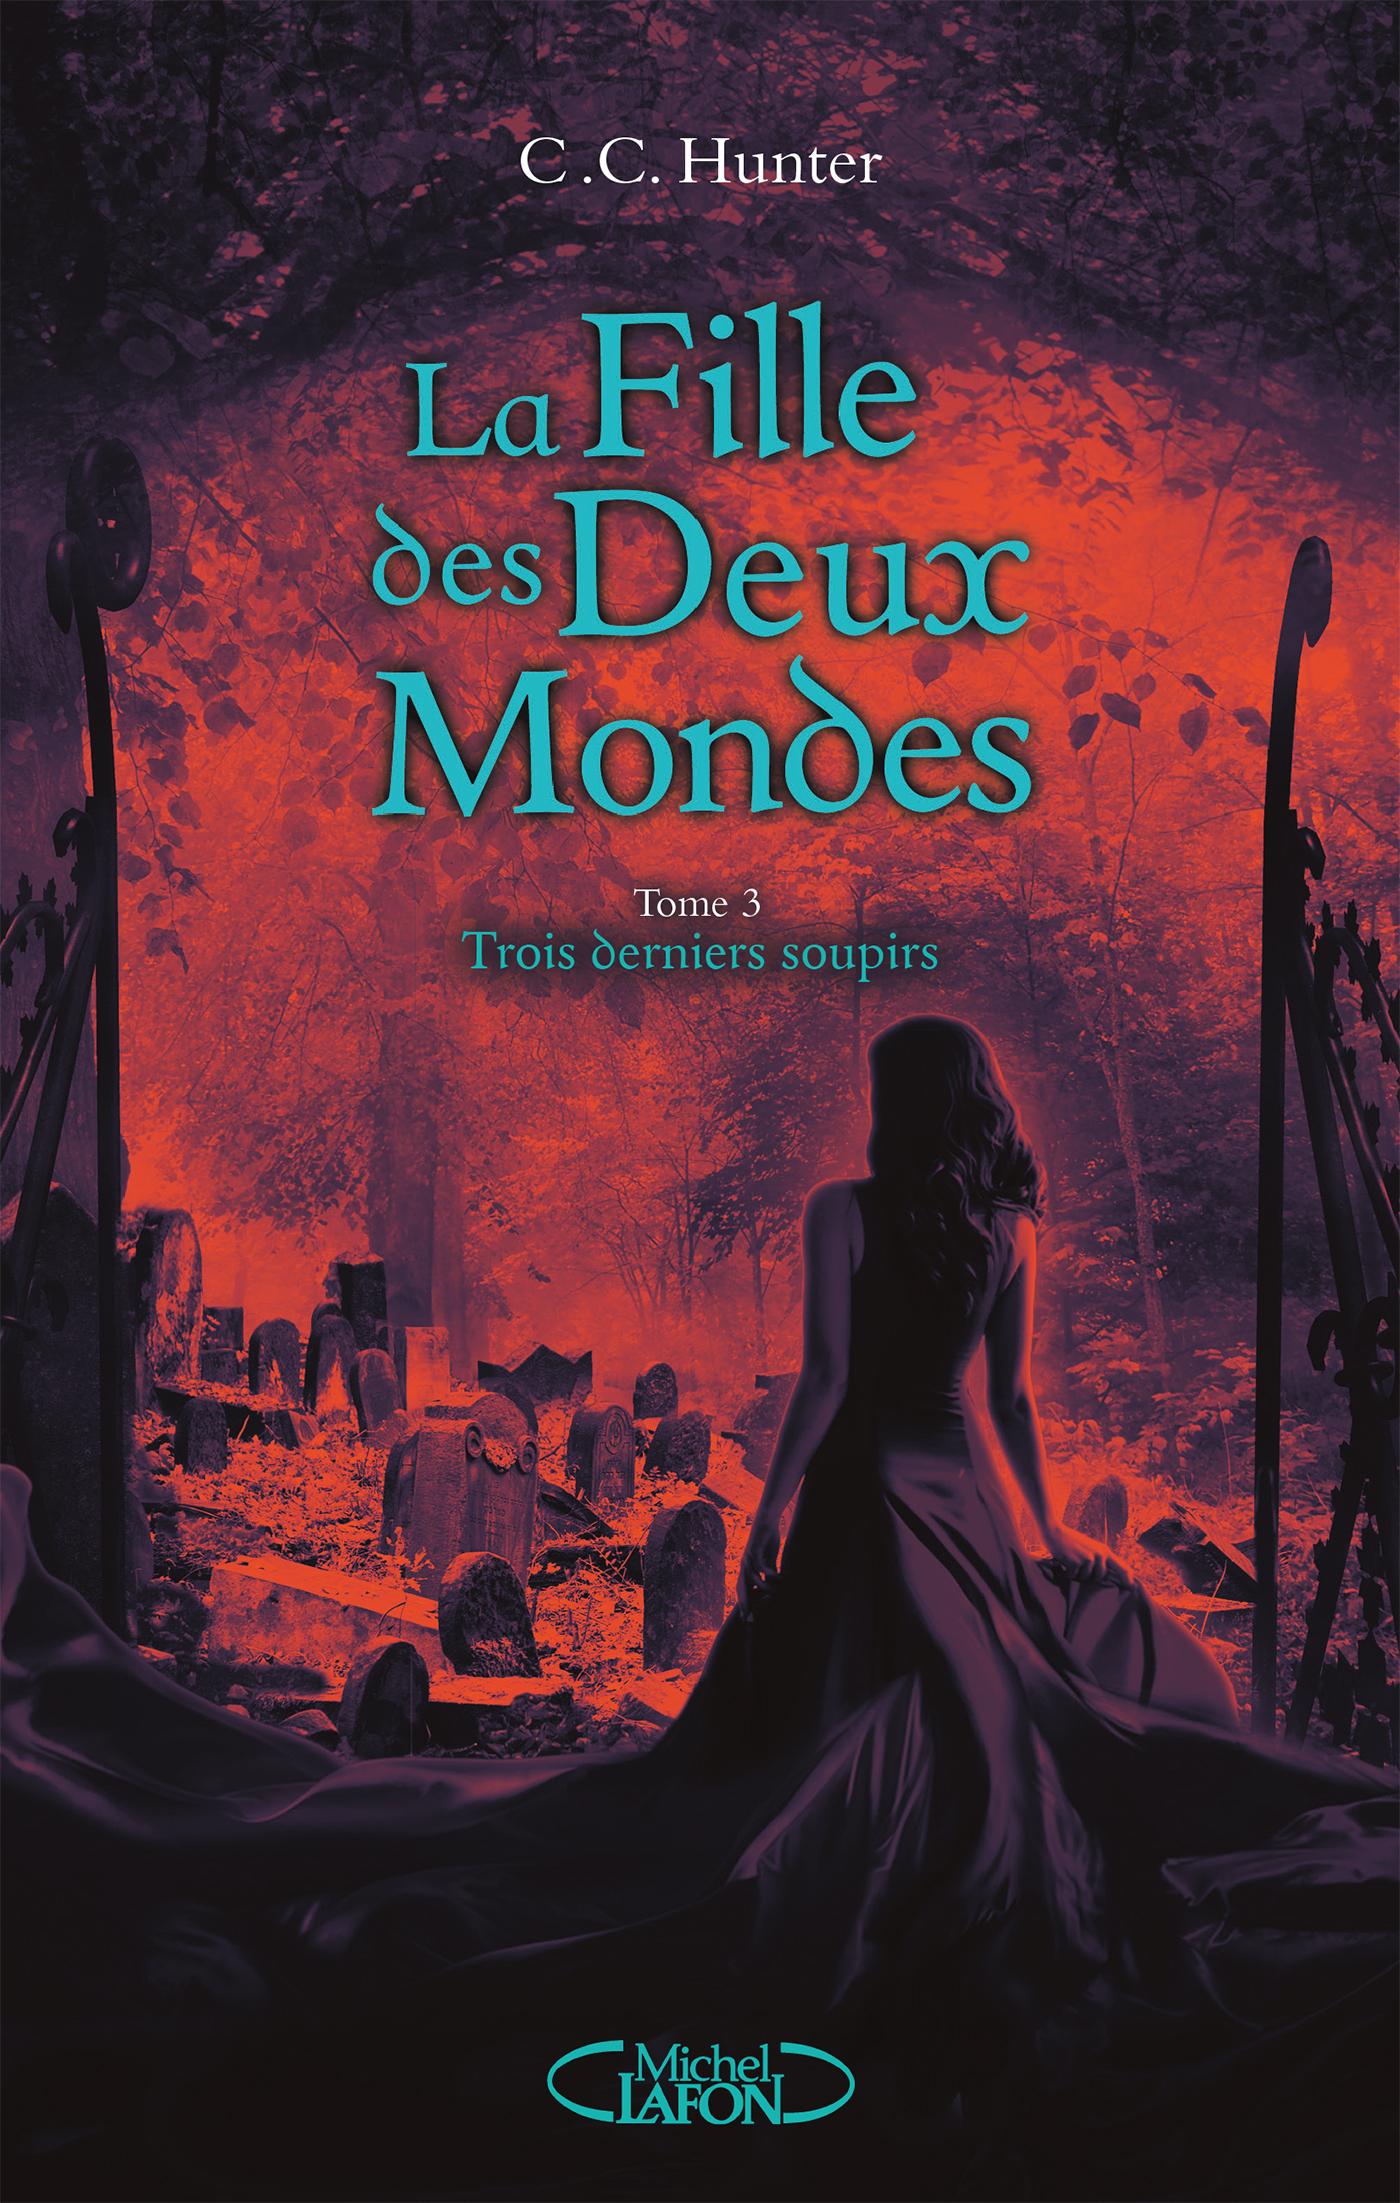 LA FILLE DES DEUX MONDES – TOME 3